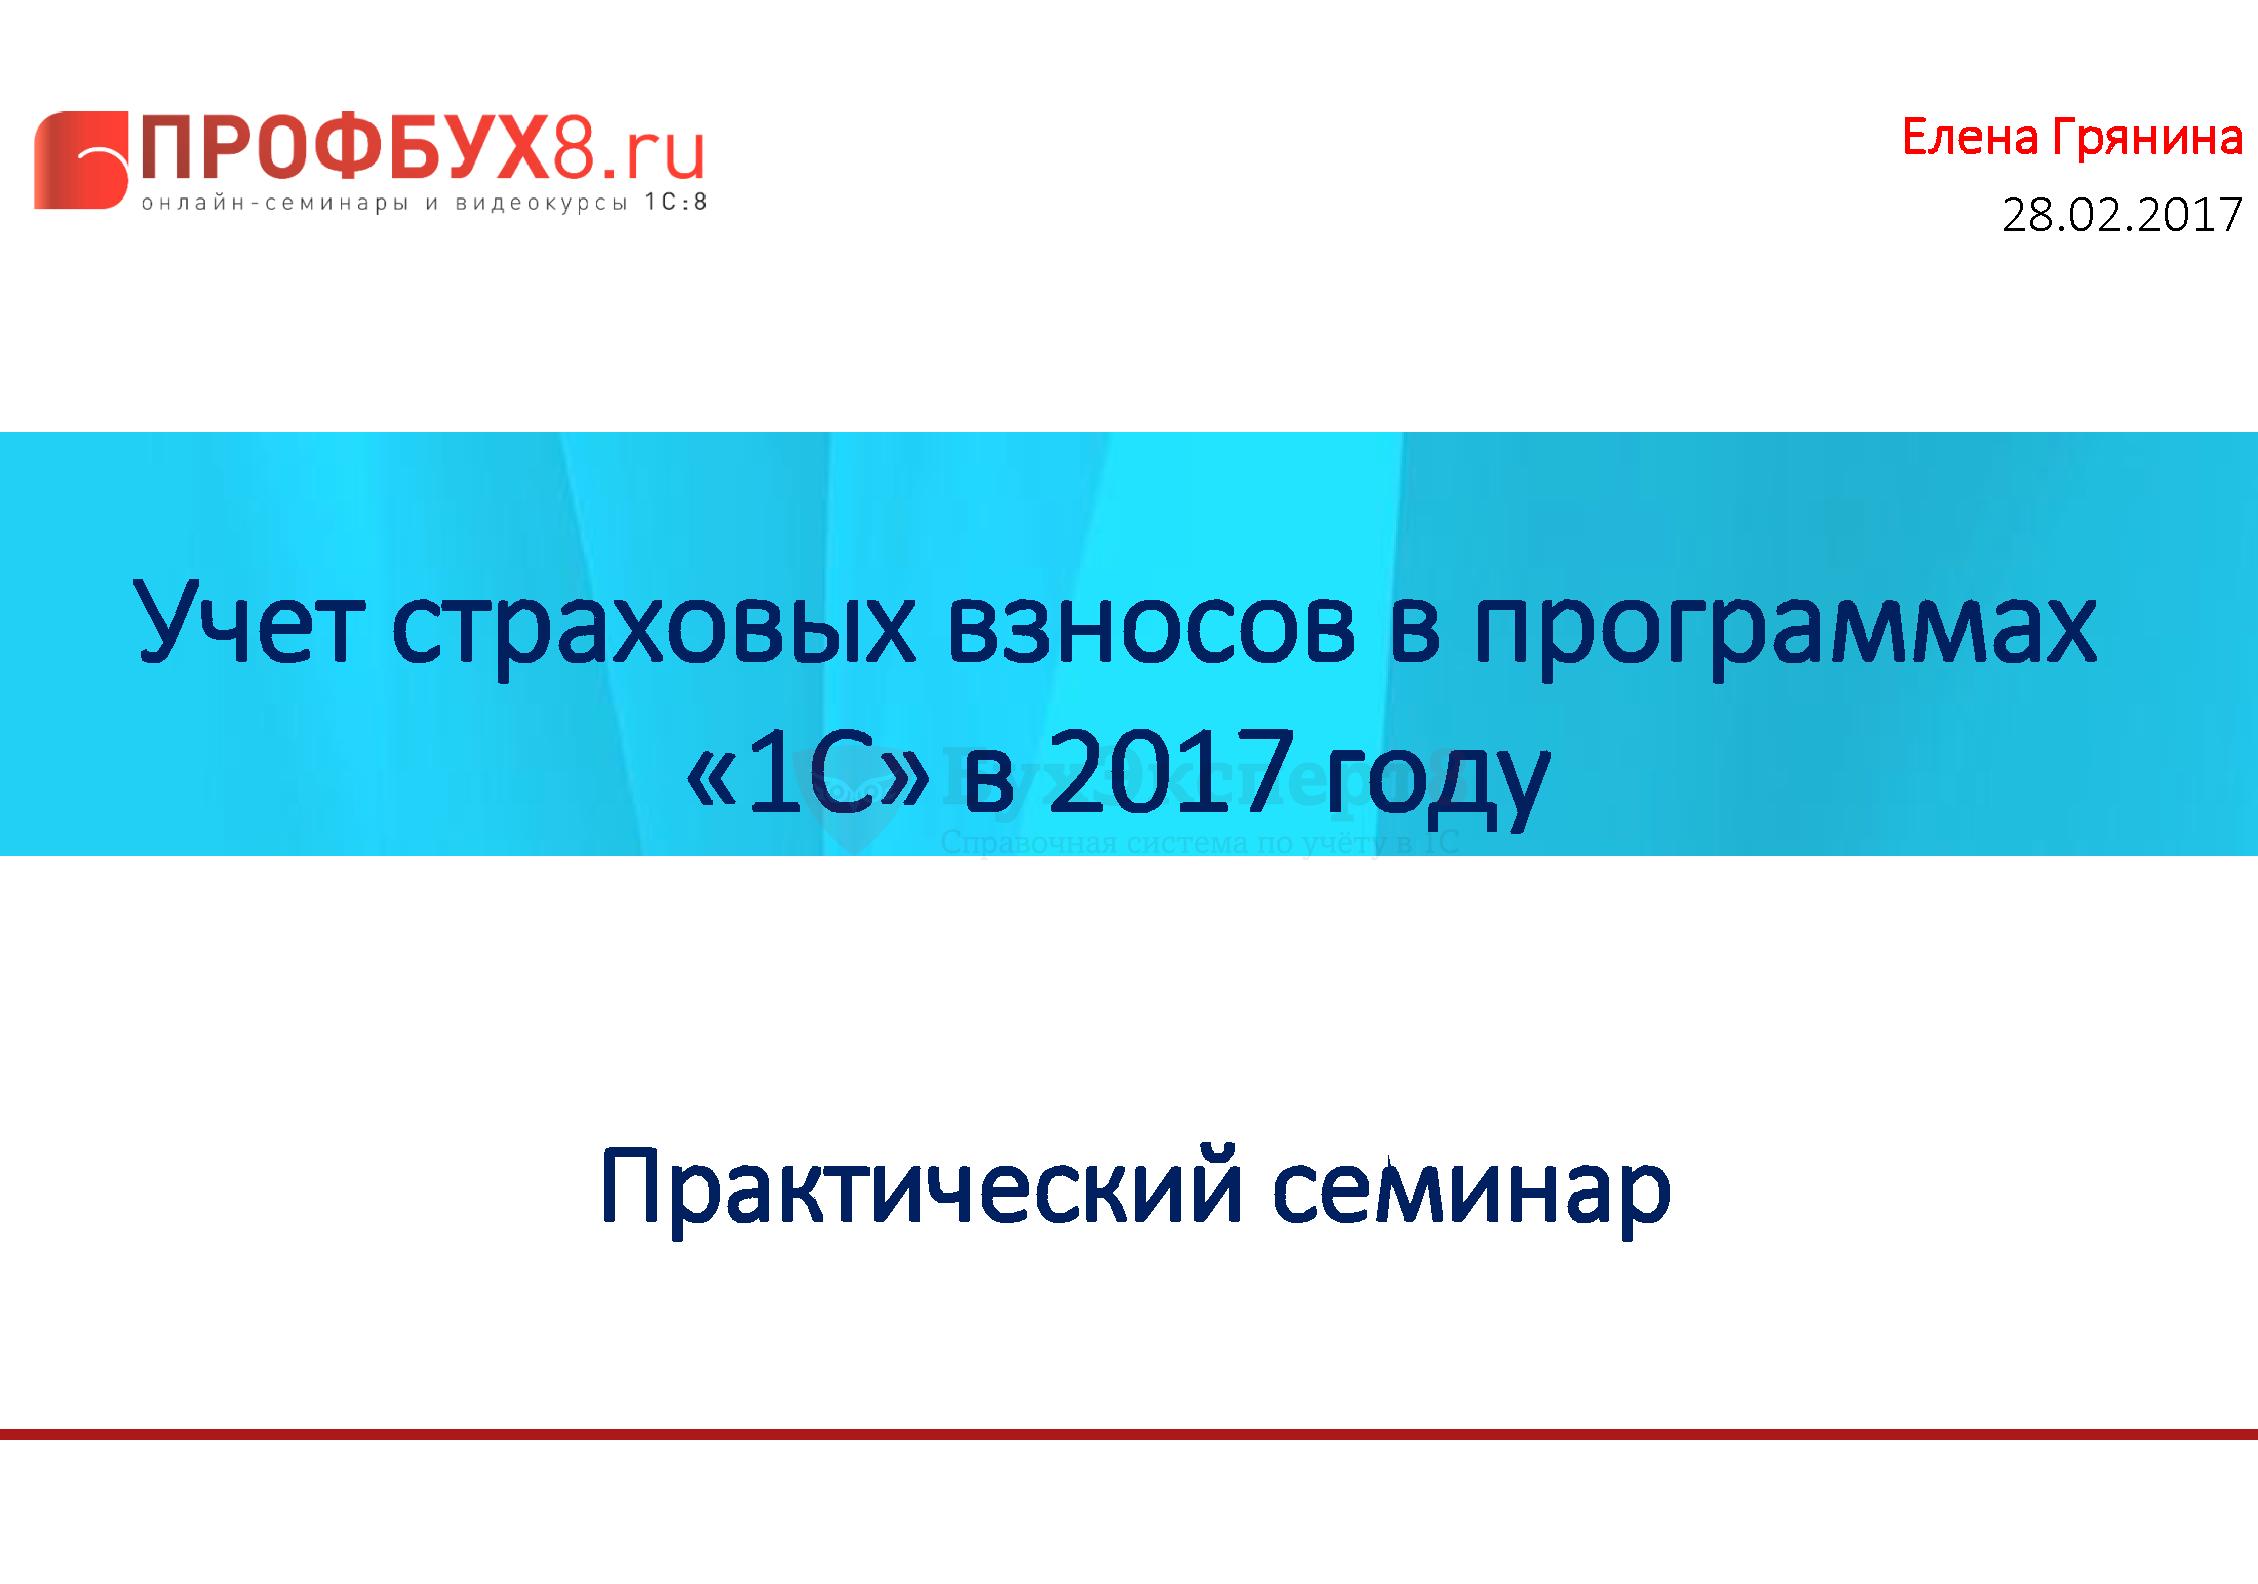 Практический семинар Учет страховых взносов в программах «1С» в 2017 году